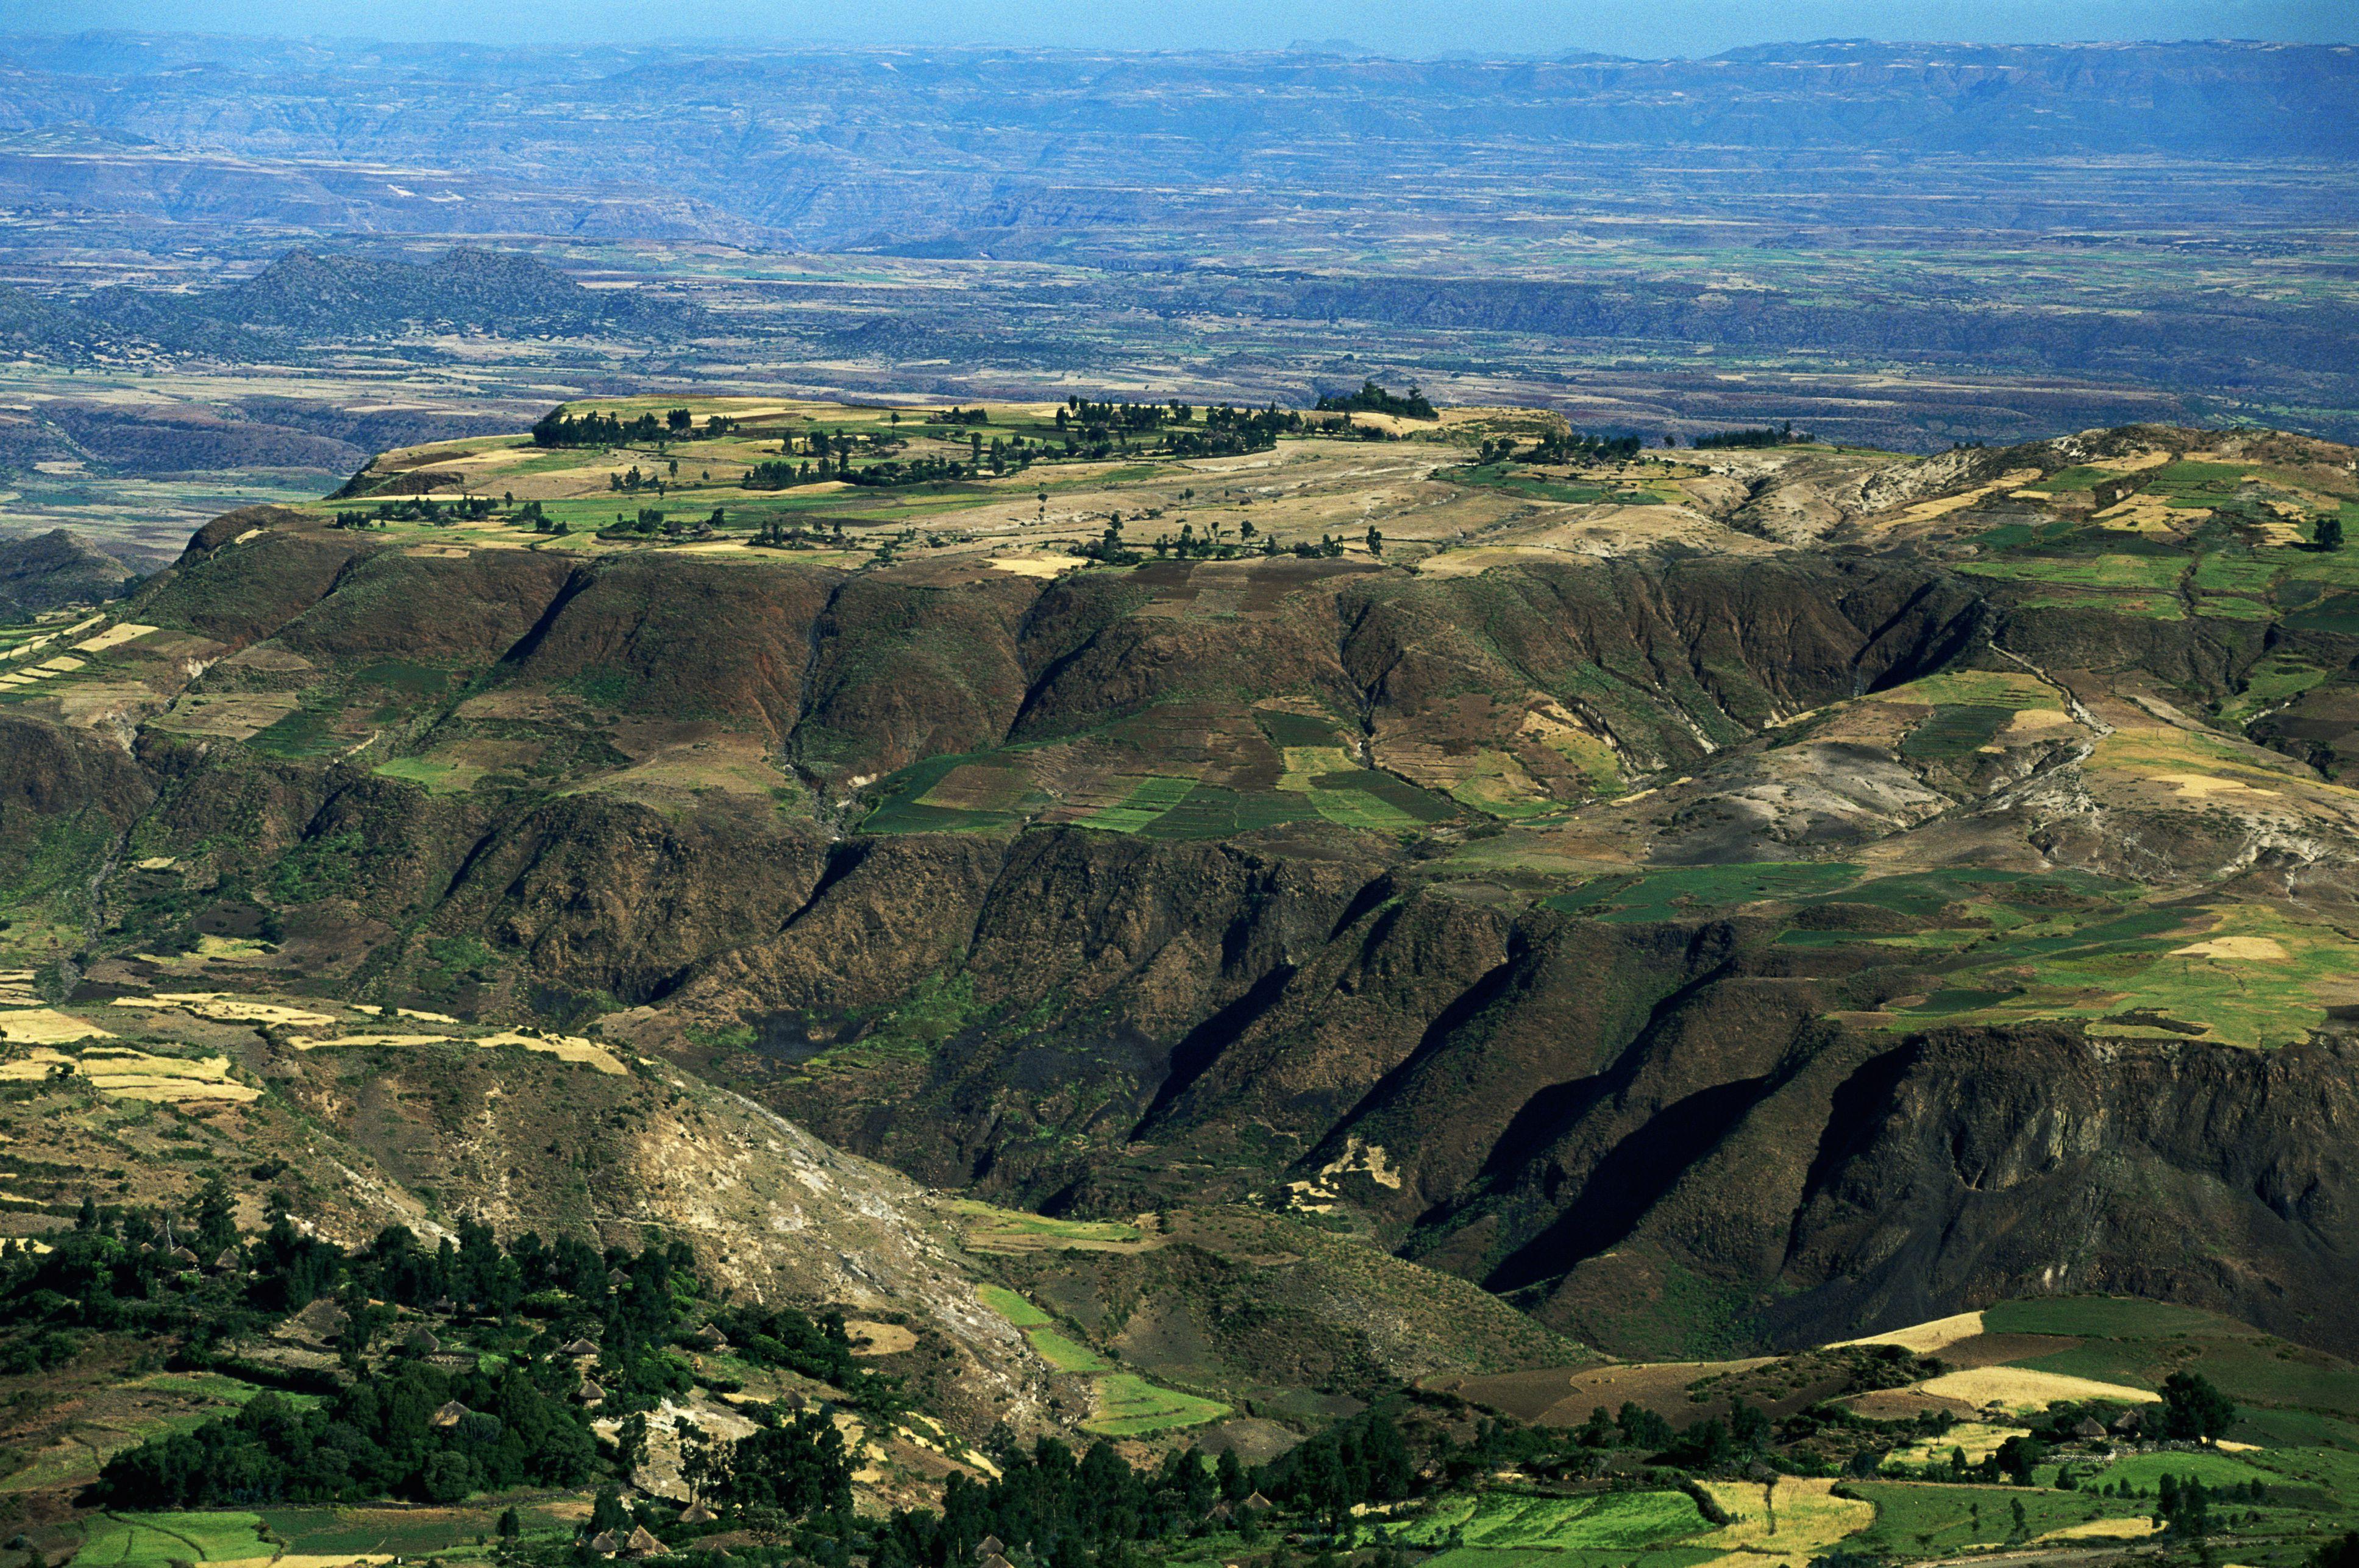 リフトバレー - 東アフリカの惑星の地殻に亀裂